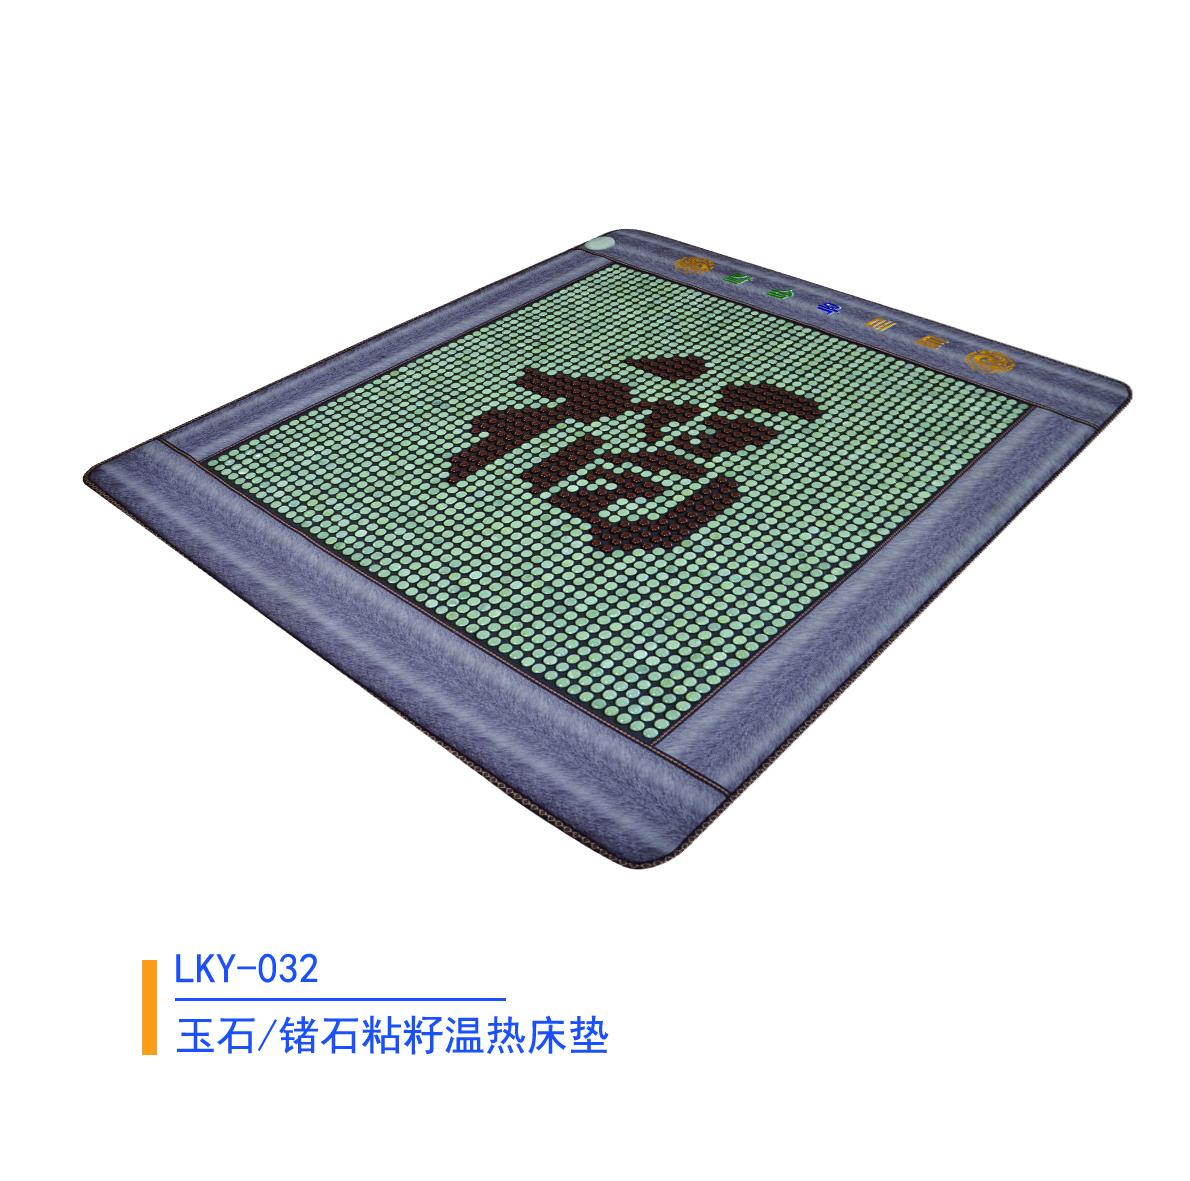 玉石锗石粘籽温热床垫032